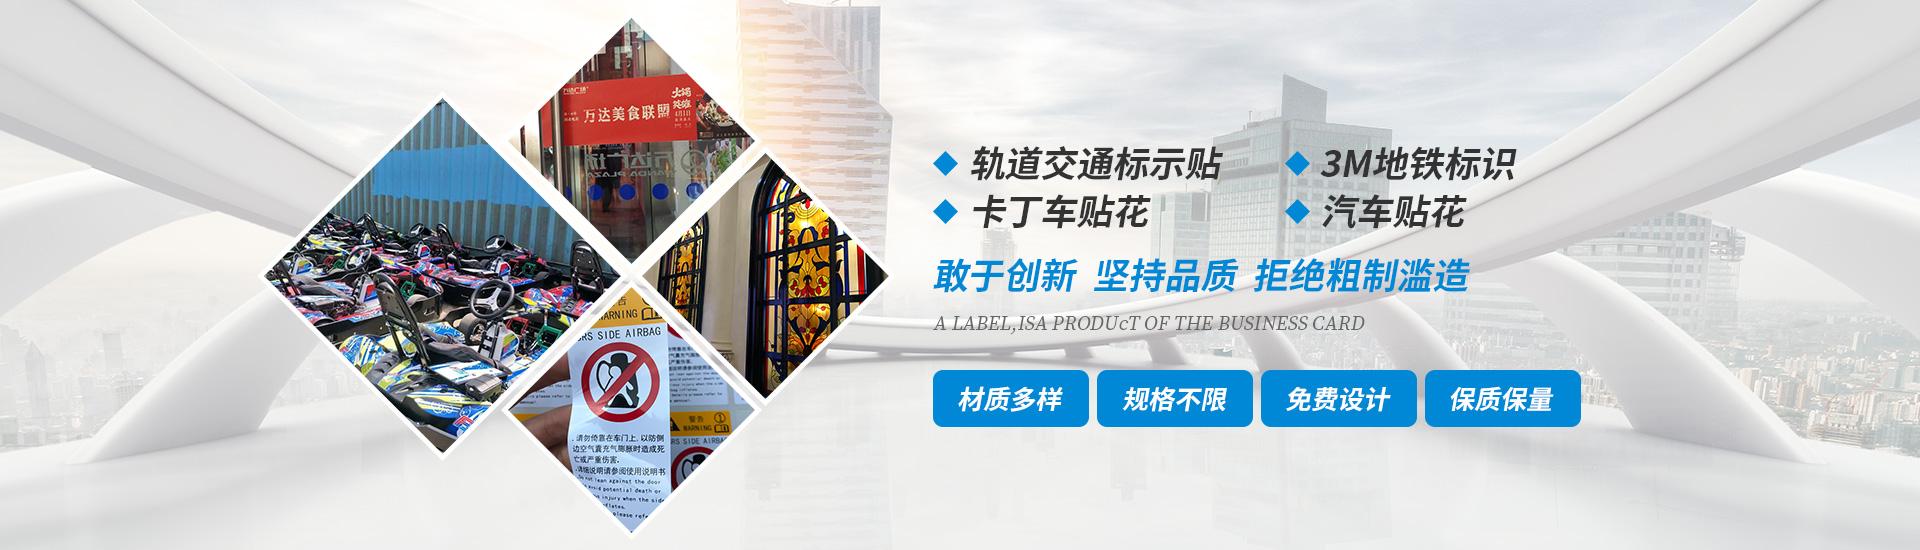 重庆凯嵩科技有限公司